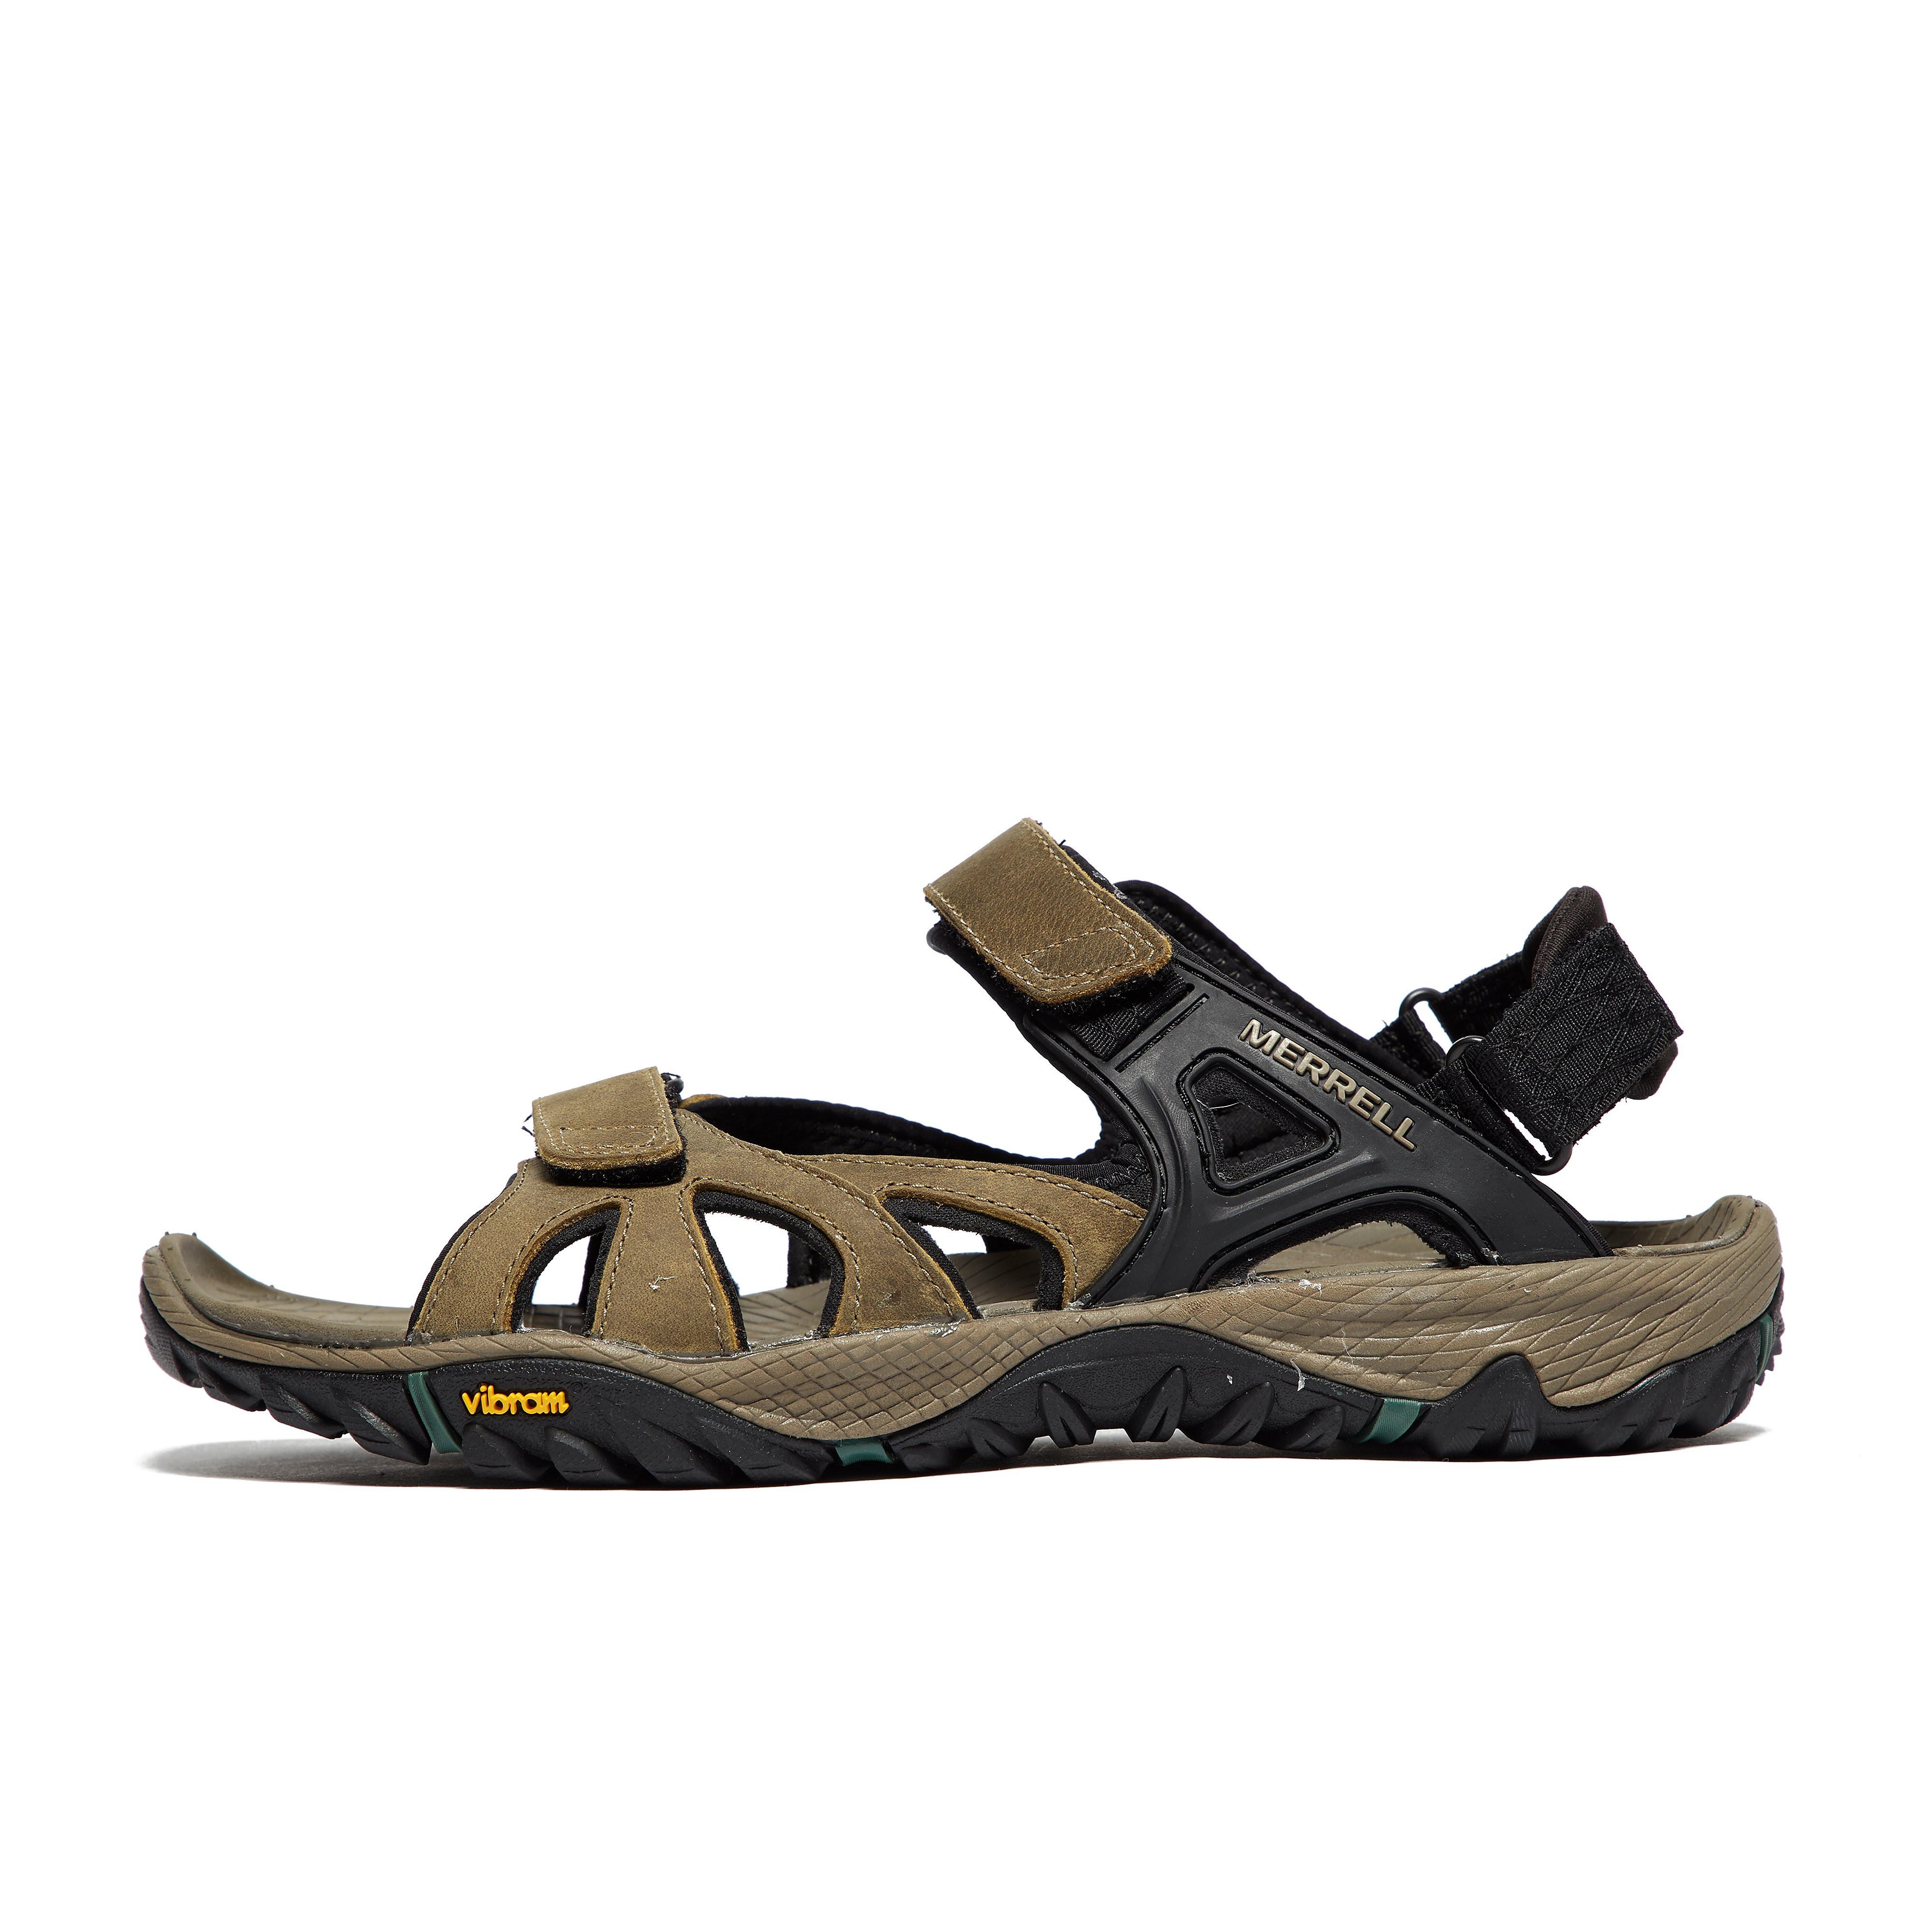 Merrell All Out Blaze Sieve Convertible Men's Walking Sandals